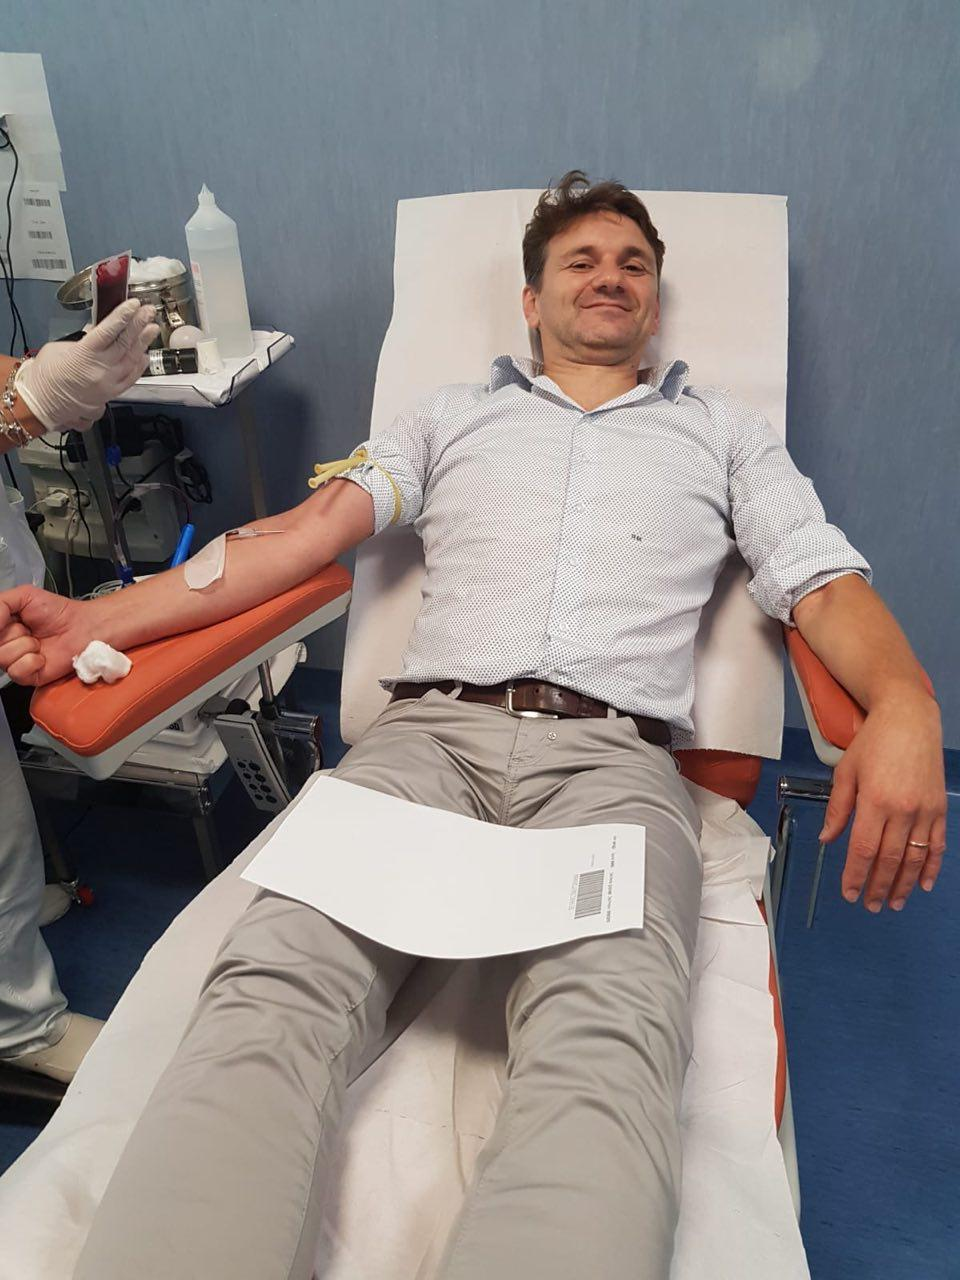 Continua la campagna di sensibilizzazione degli infermieri per la donazione di sangue